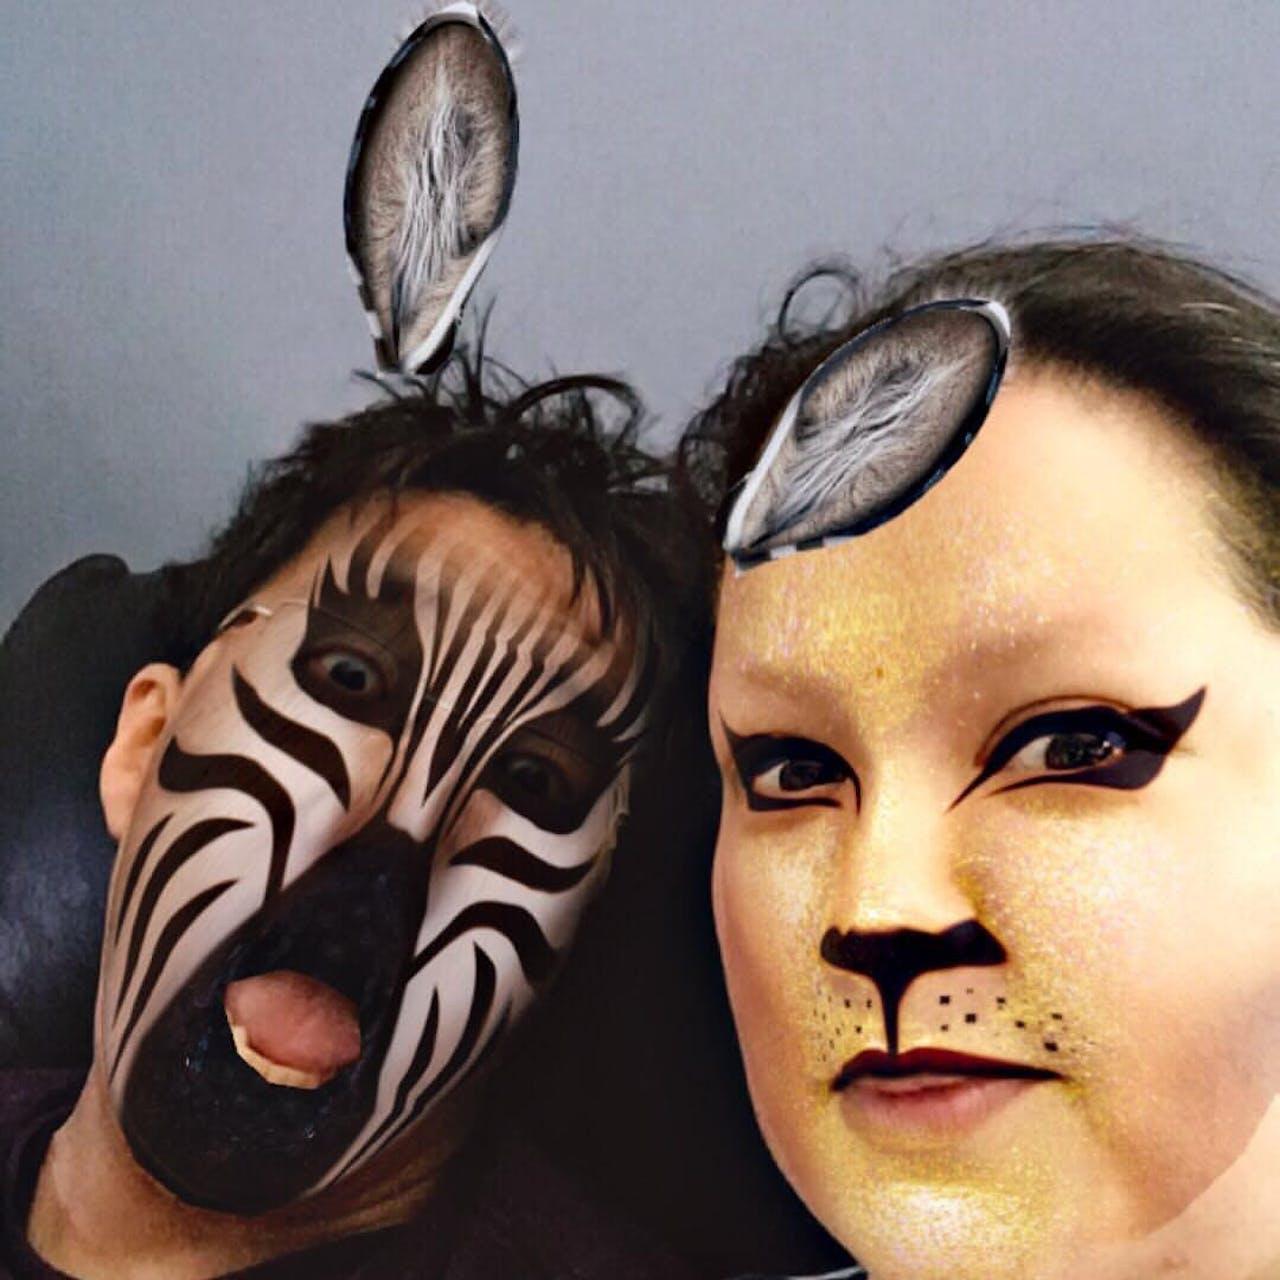 Twee mensen gebruiken Snapchat-filters